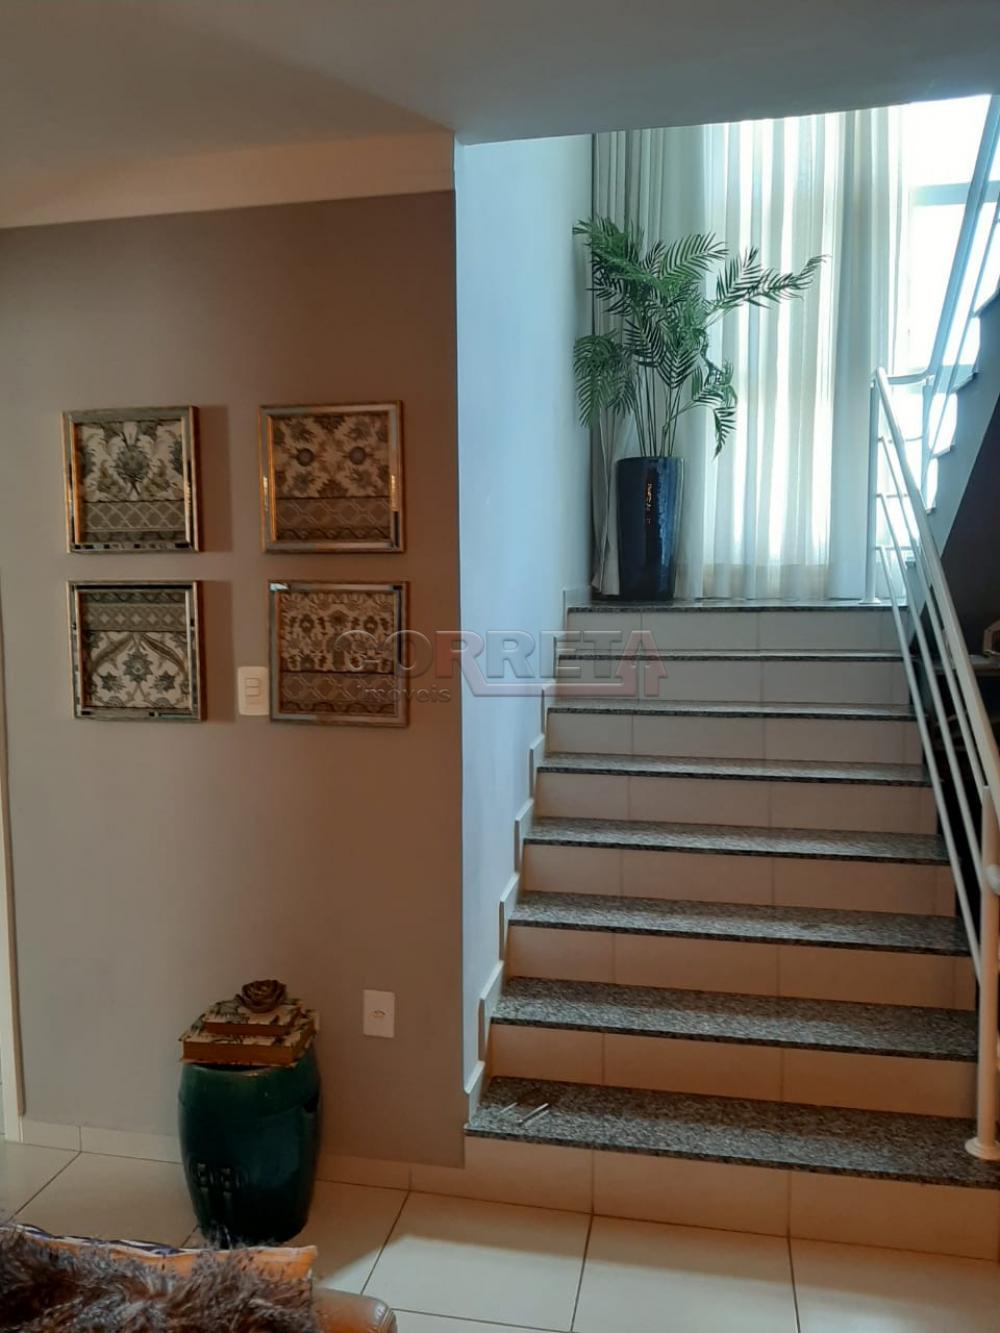 Comprar Apartamento / Padrão em Araçatuba apenas R$ 470.000,00 - Foto 7